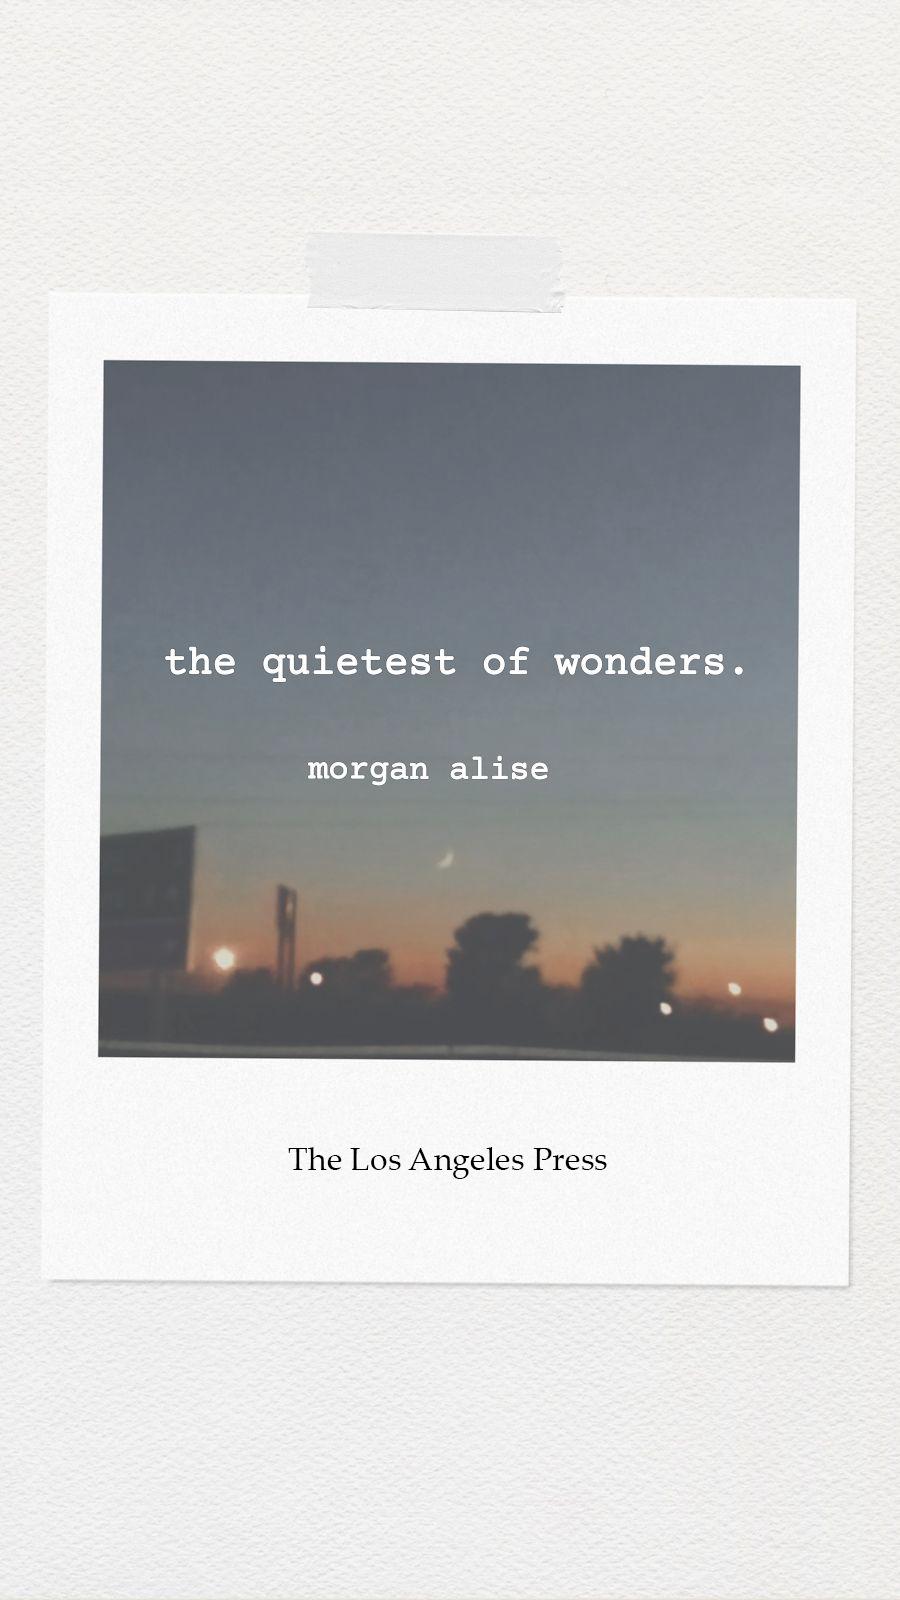 the quietest of wonders